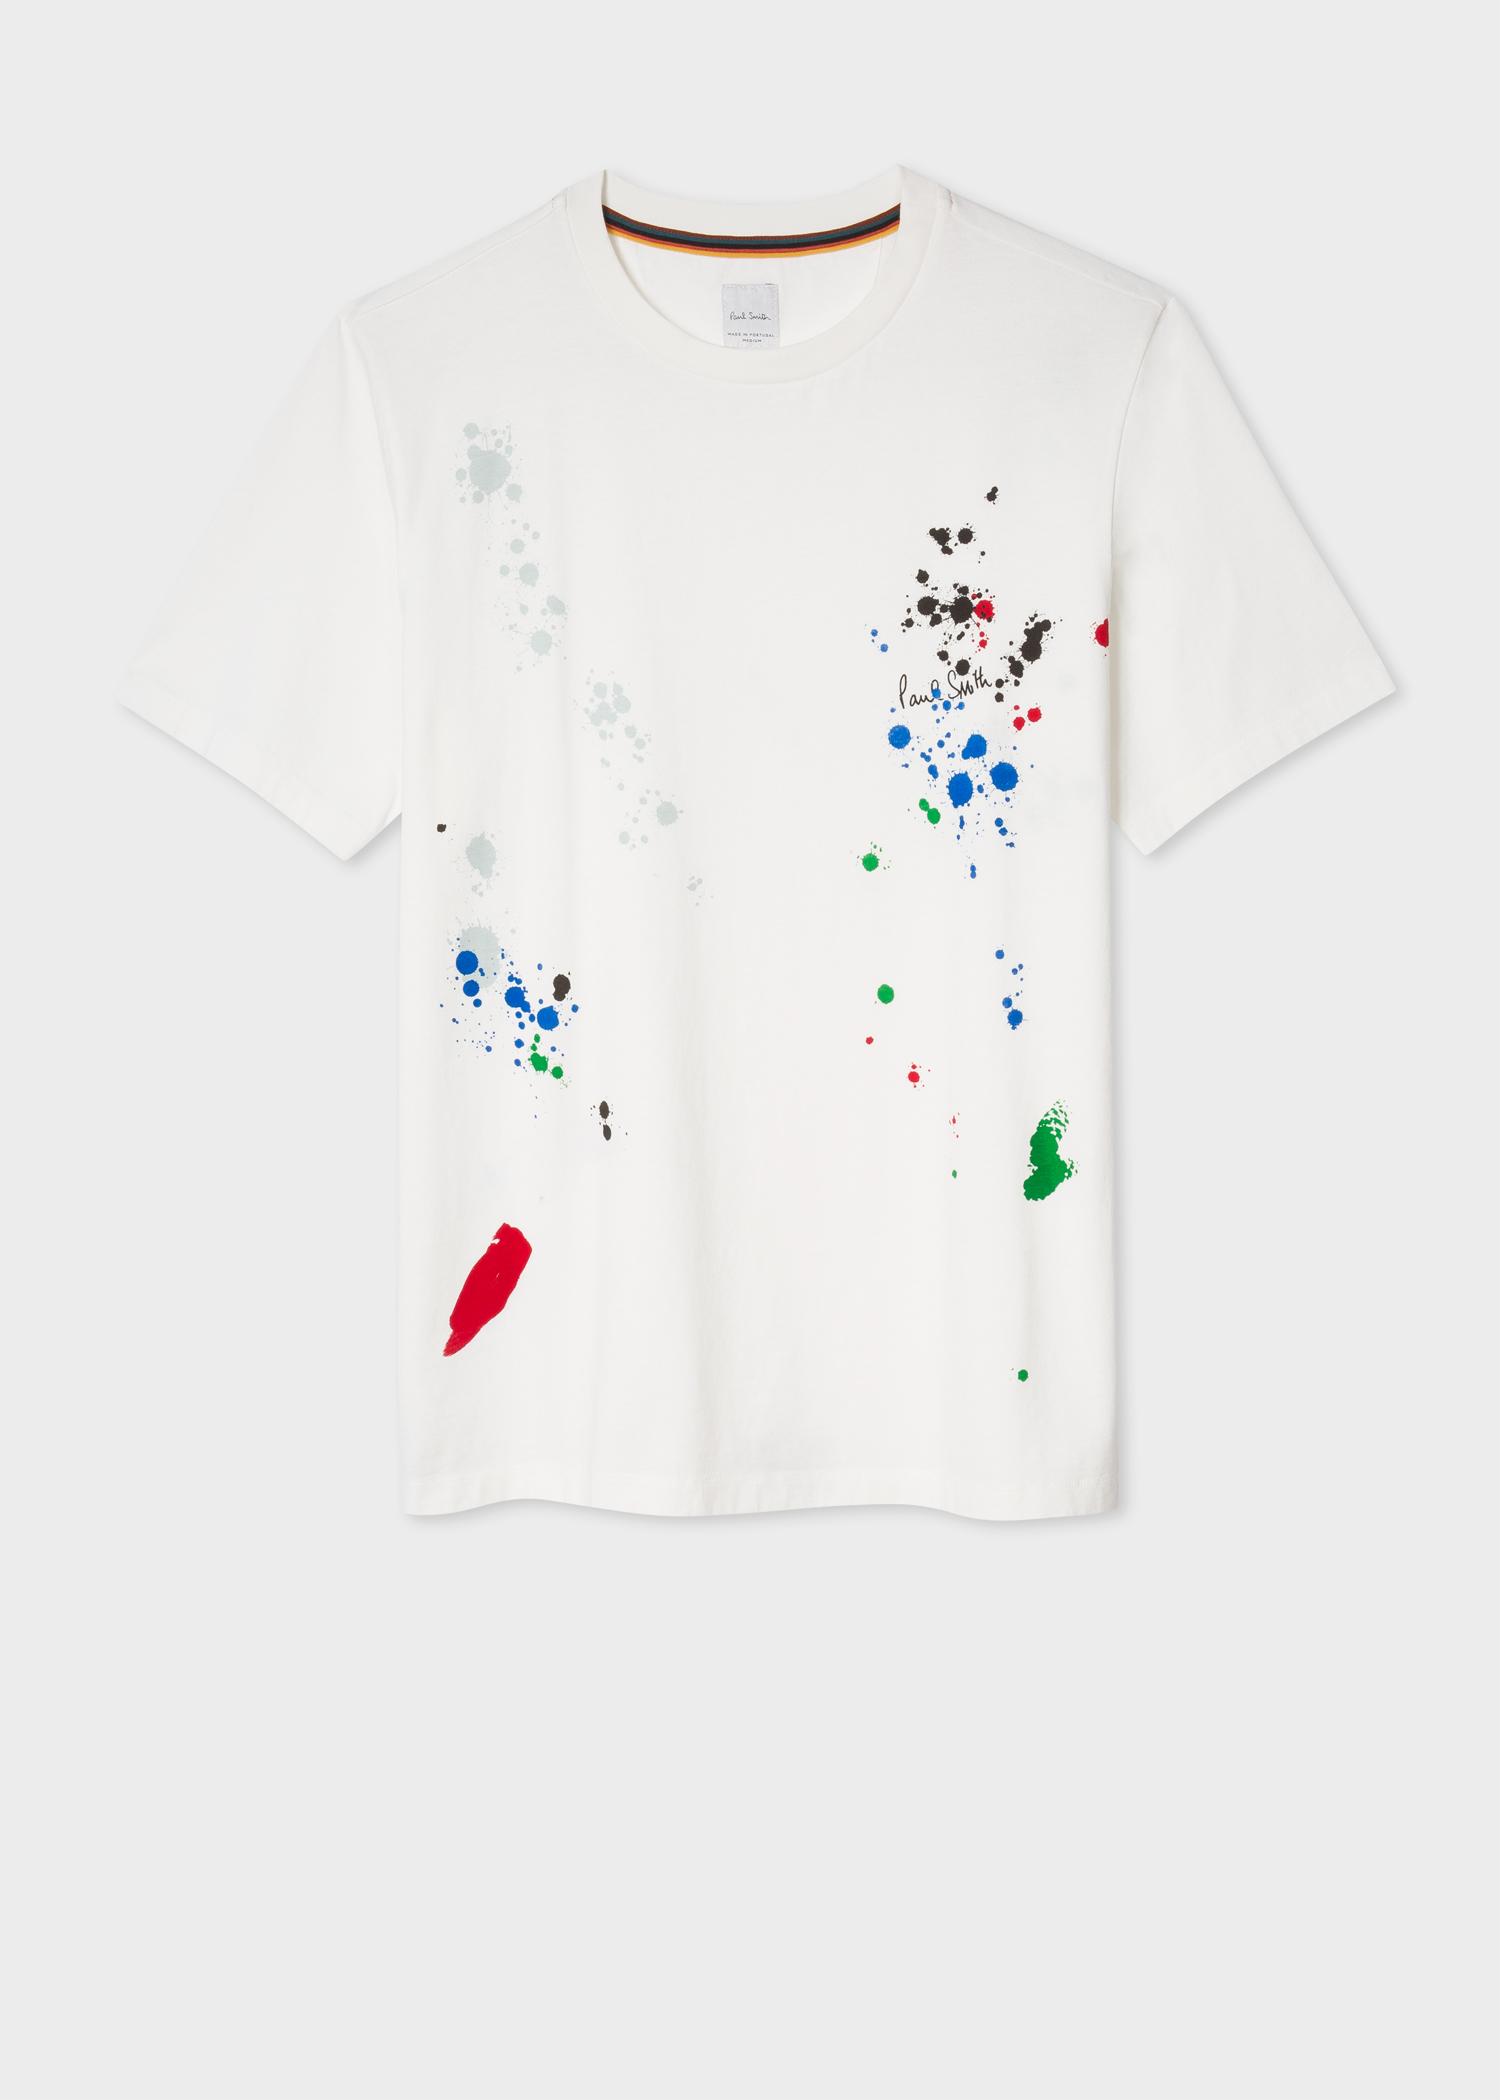 c0c99d68 Front view - Men's White 'Paint Splatter' Print T-Shirt Paul Smith